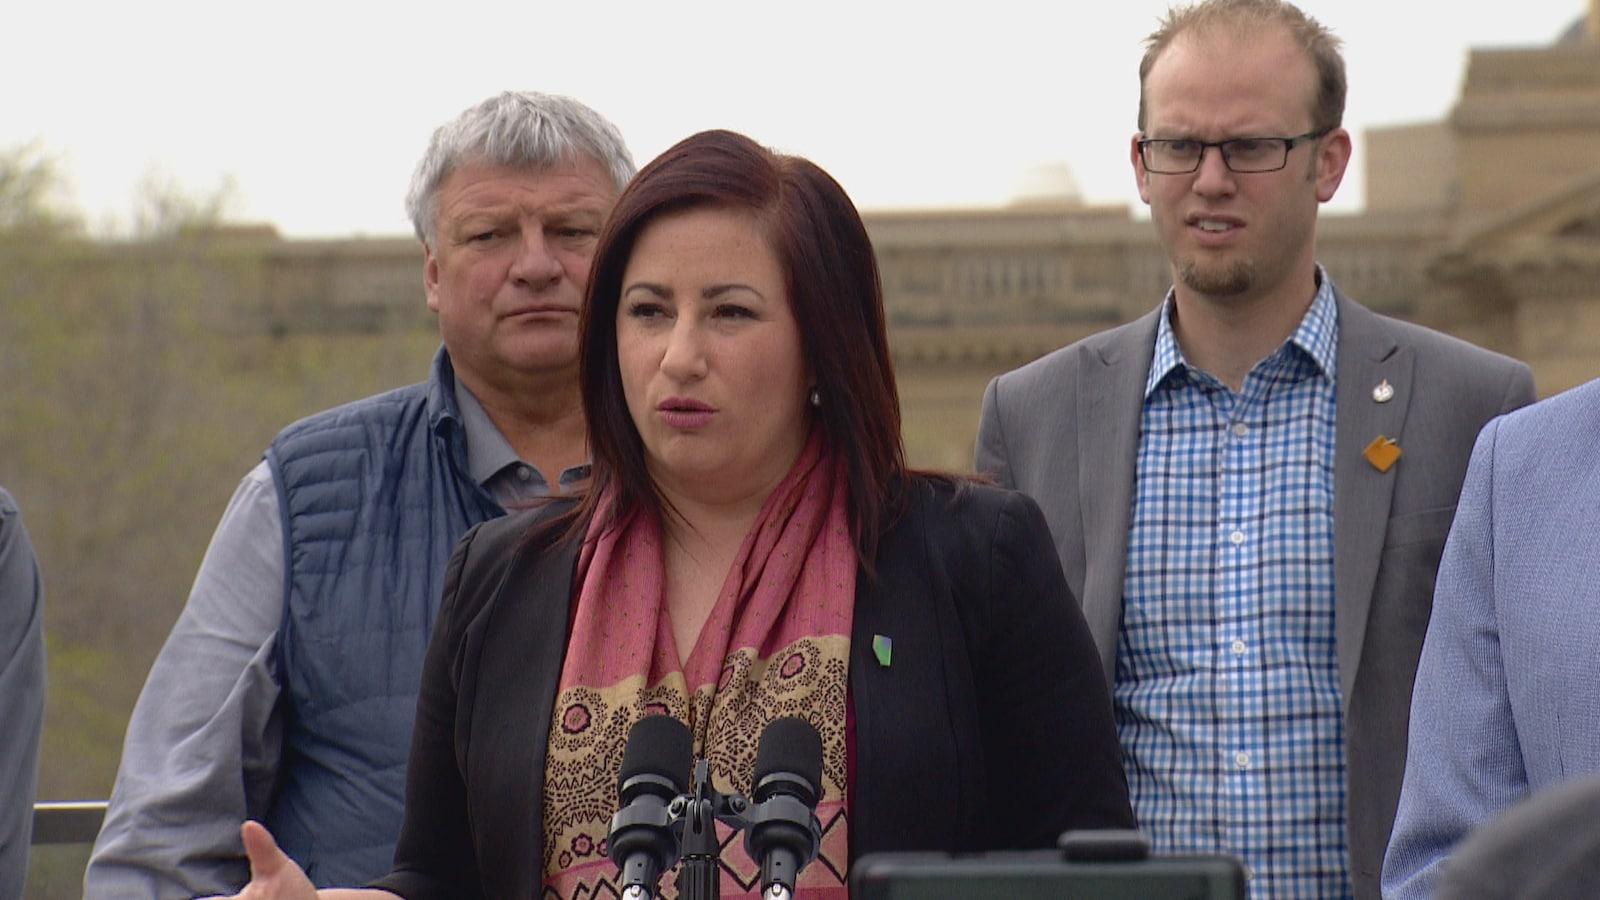 Shannon Stubbs fait un discours devant l'Assemblée législative de l'Alberta à Edmonton.